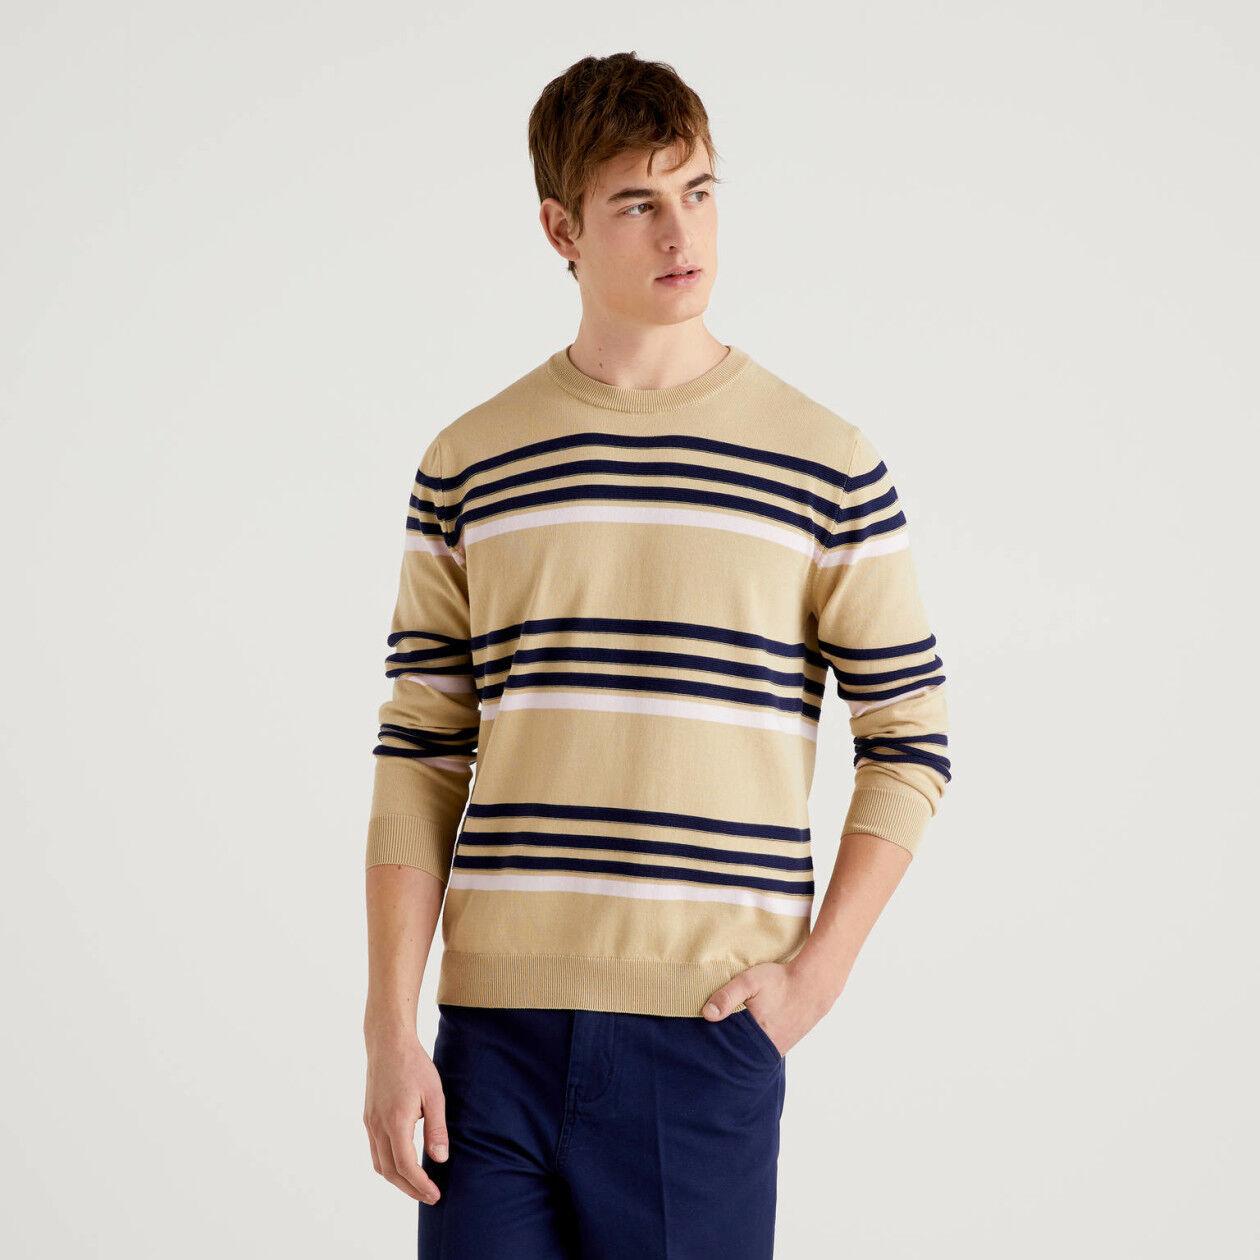 Striped sweater in pure cotton